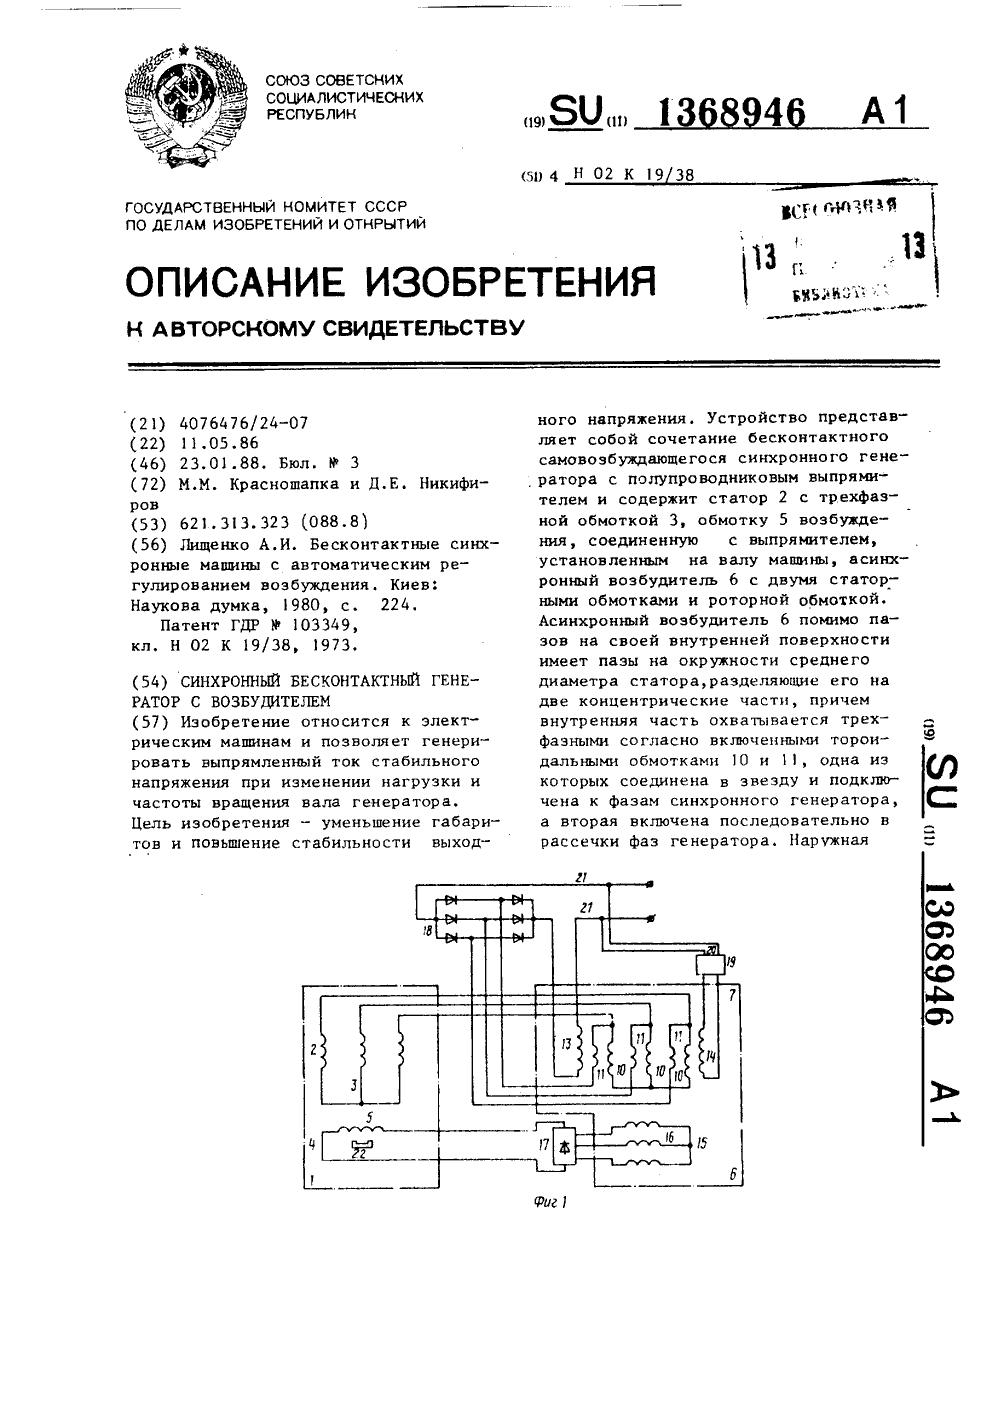 генератор синхронный гс 8 схема